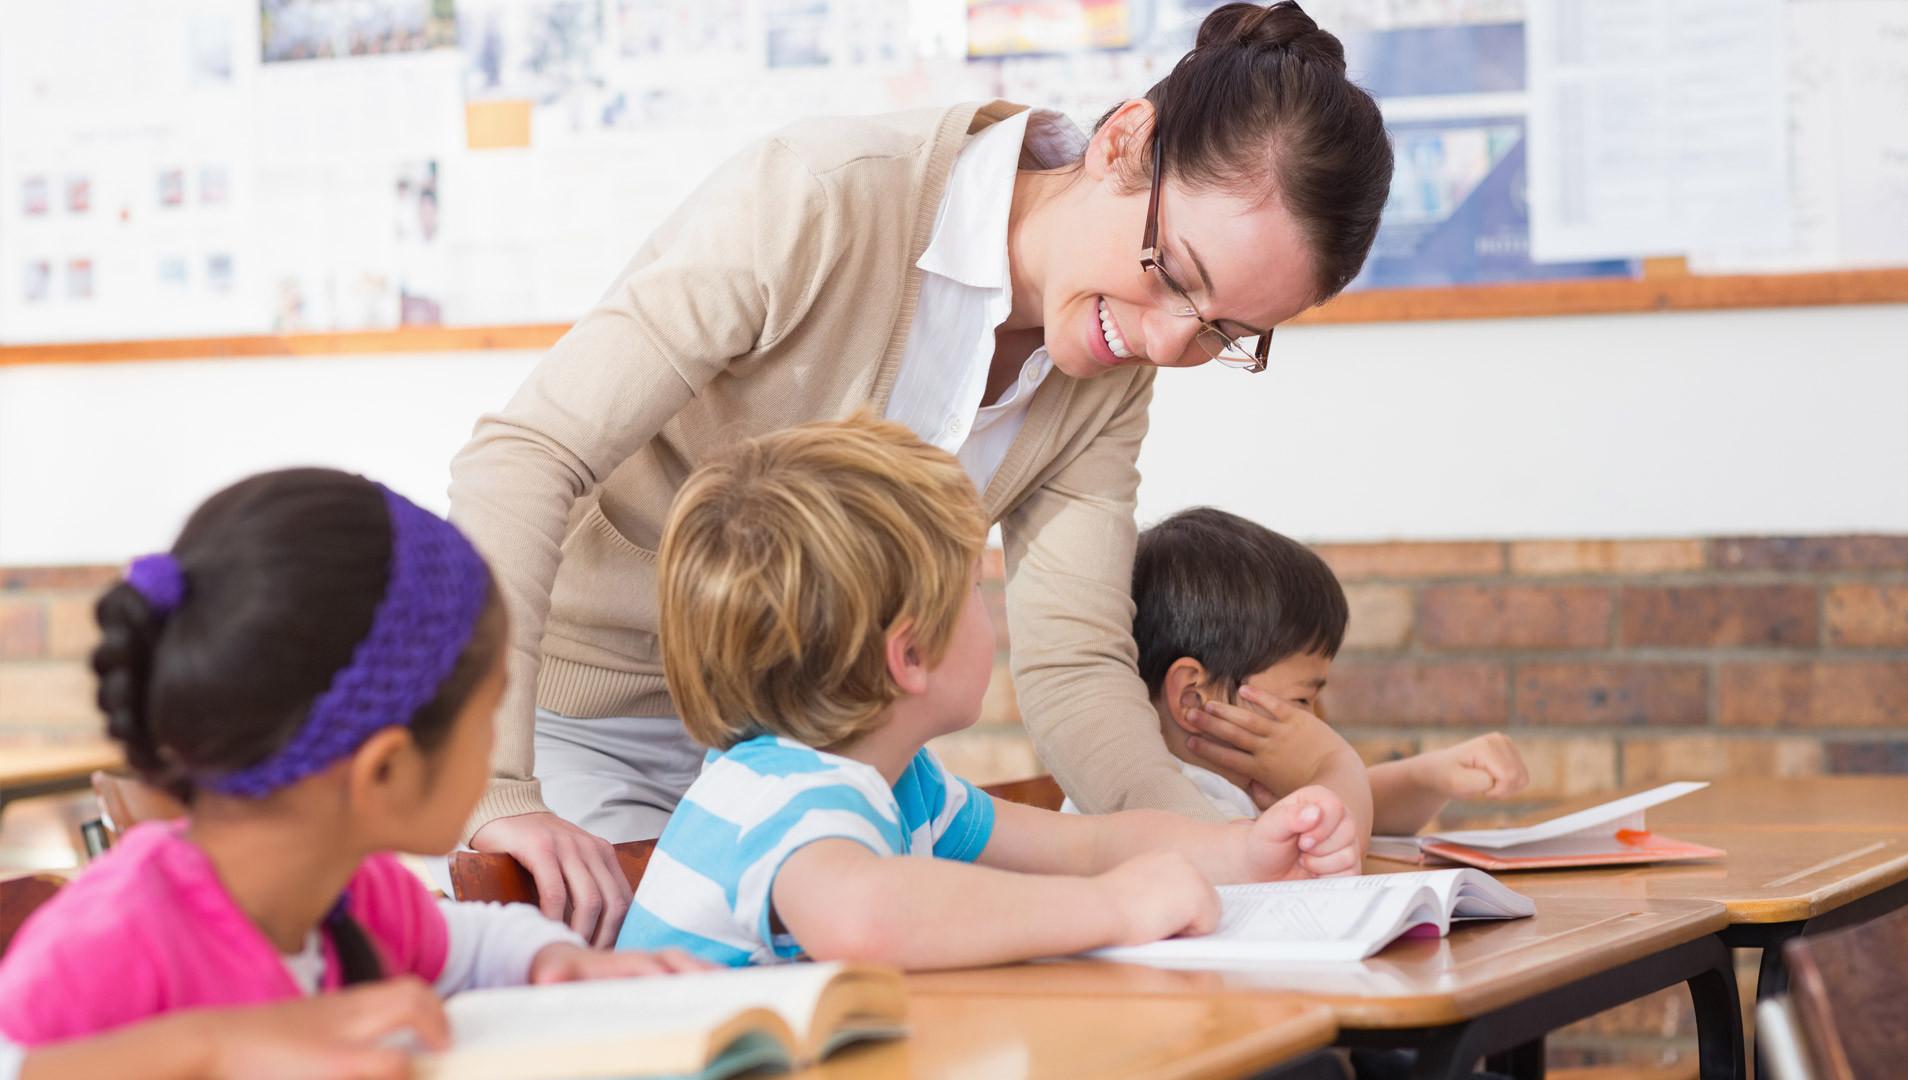 La Alianza Francesa incio un ciclo de cursos dirigidos a niños y adolescentes en la ciudad capitalina para que aprendan el idioma galo